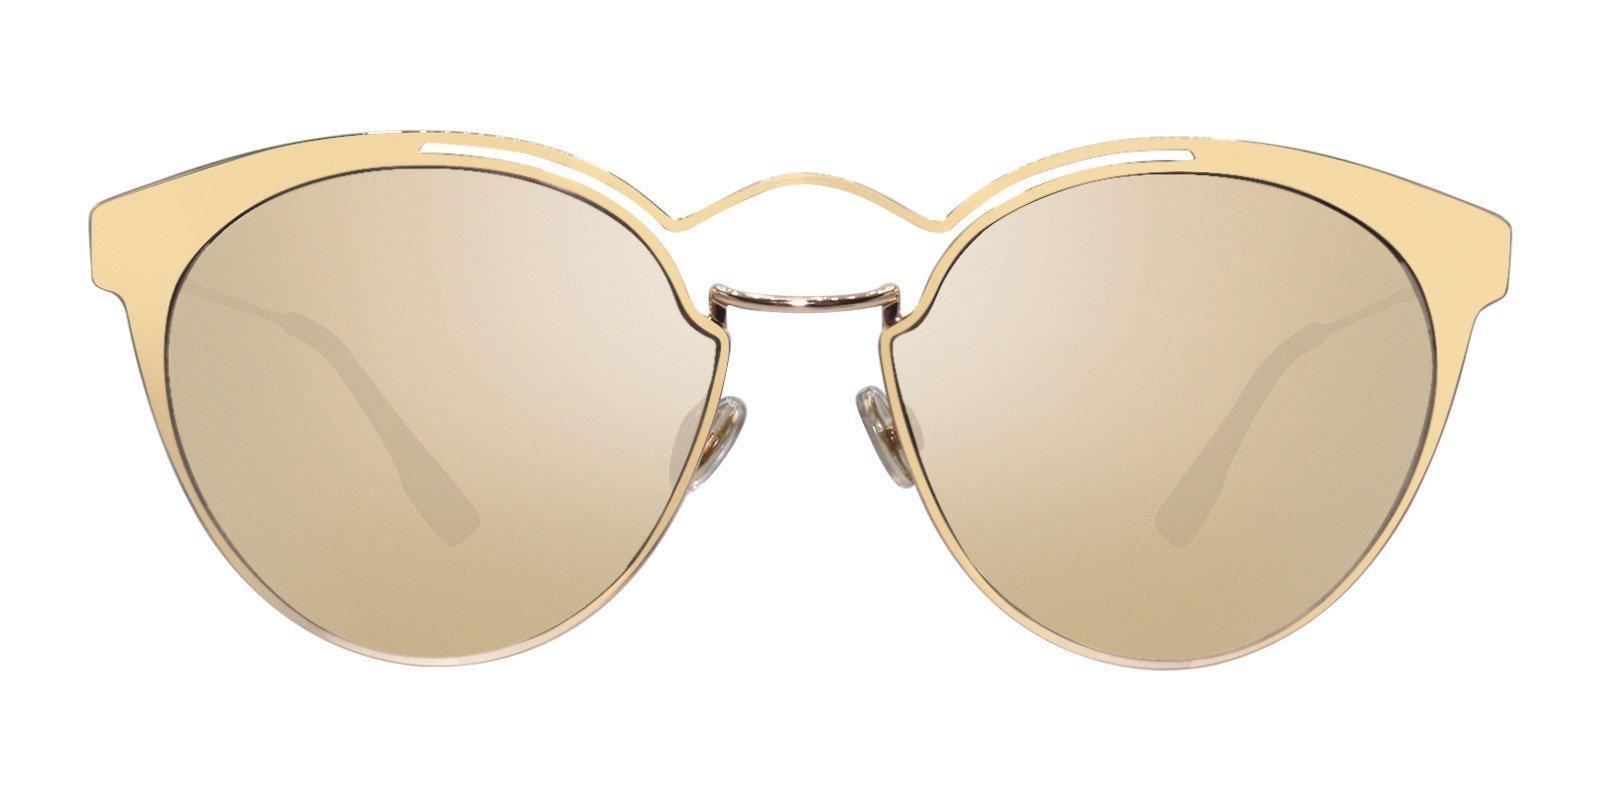 a8a577269f5 Dior - Nebula Gold - Gold sunglasses